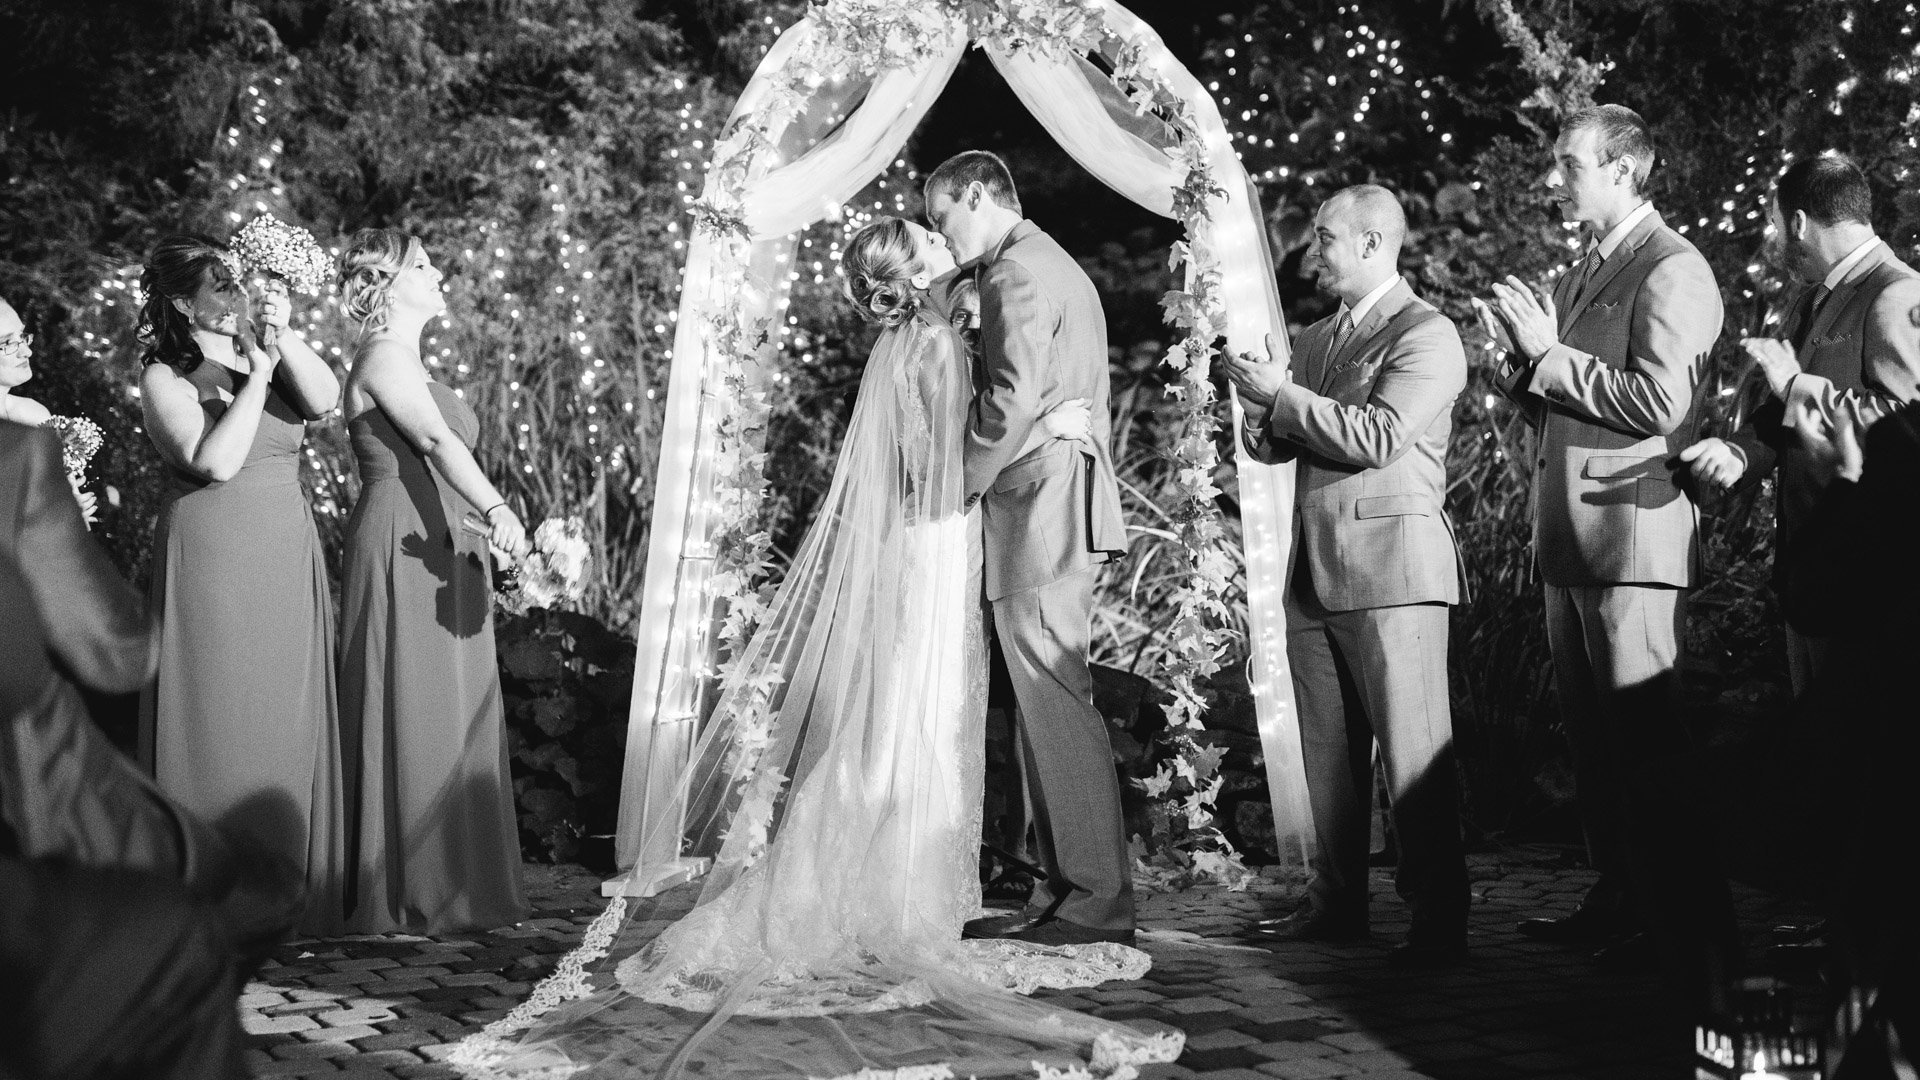 Woodwinds-Wedding-Photographs-branford-1-9.jpg